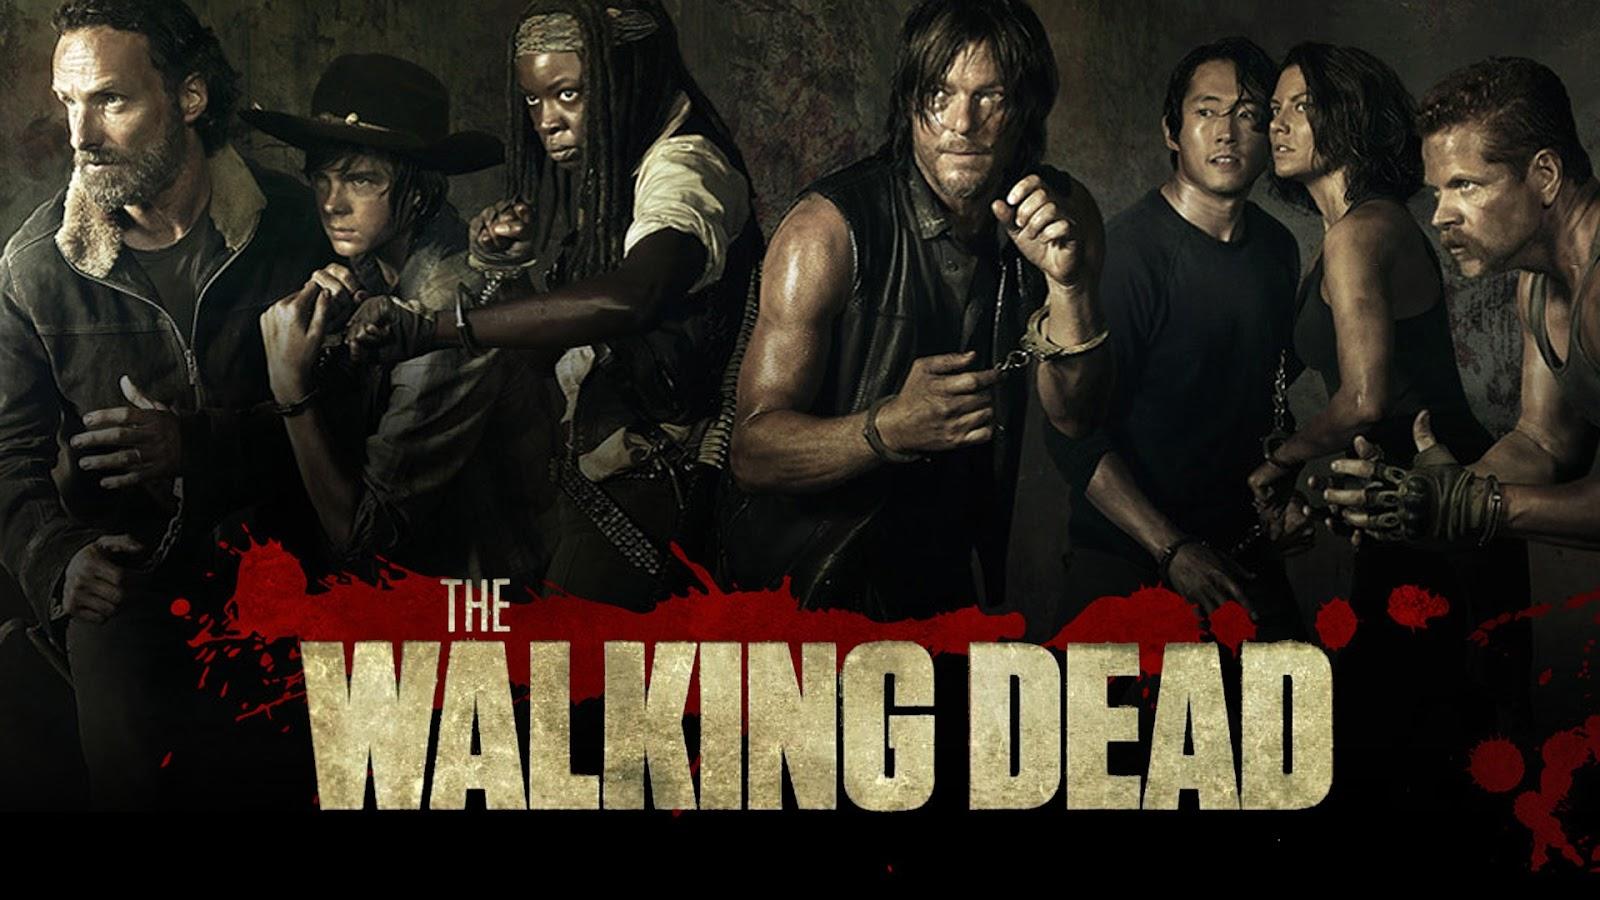 The Walking Dead – Season 07